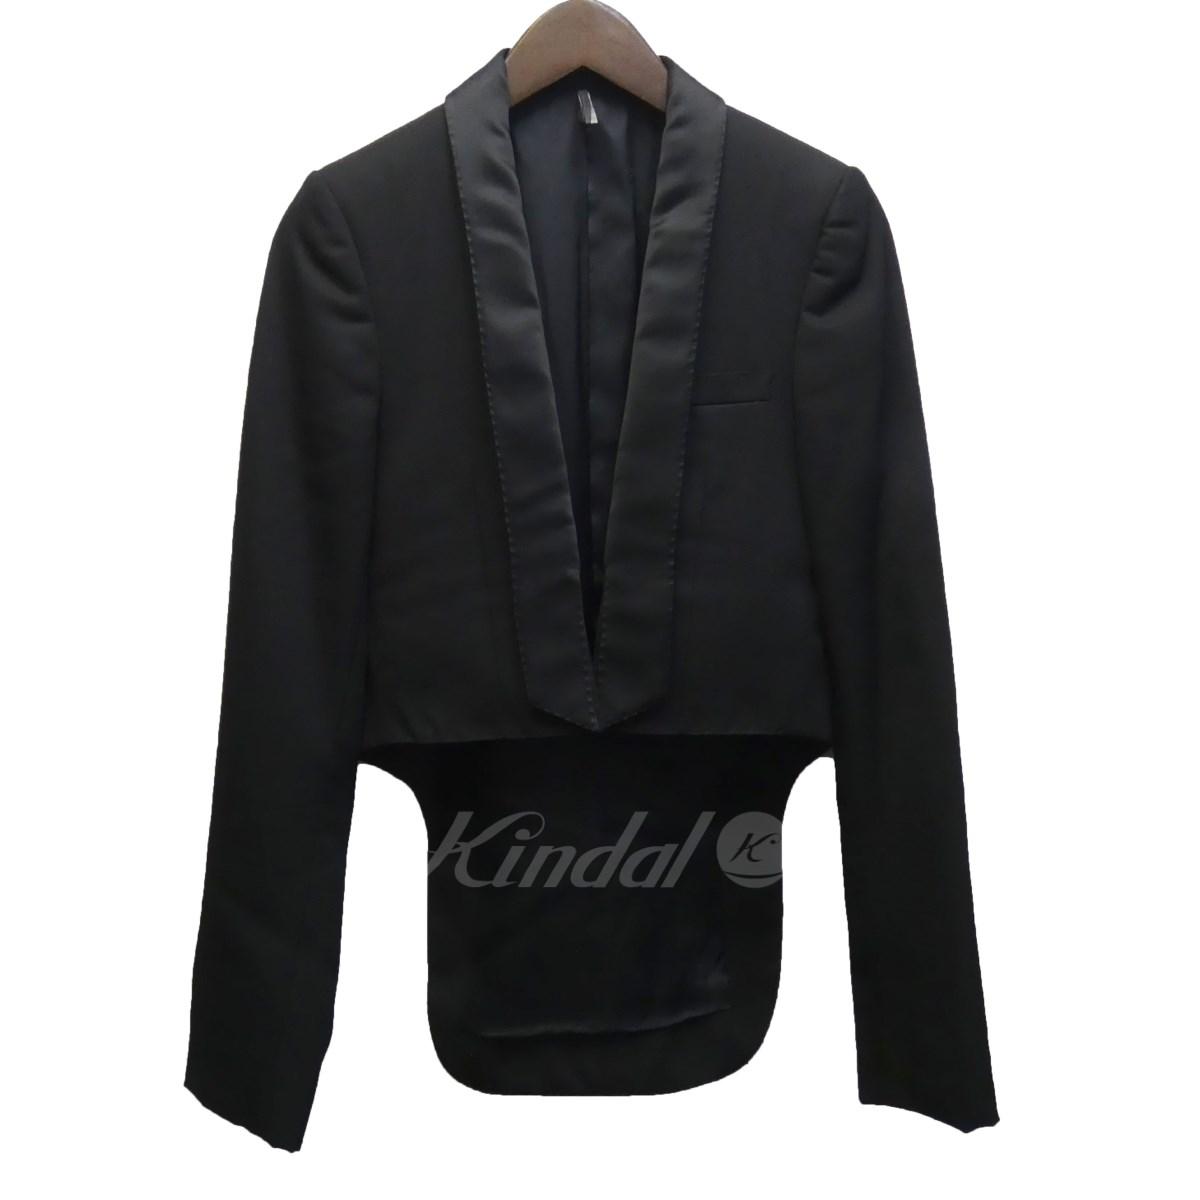 【中古】Dior Homme 06SS 燕尾ジャケット 【送料無料】 【071751】 【KIND1550】